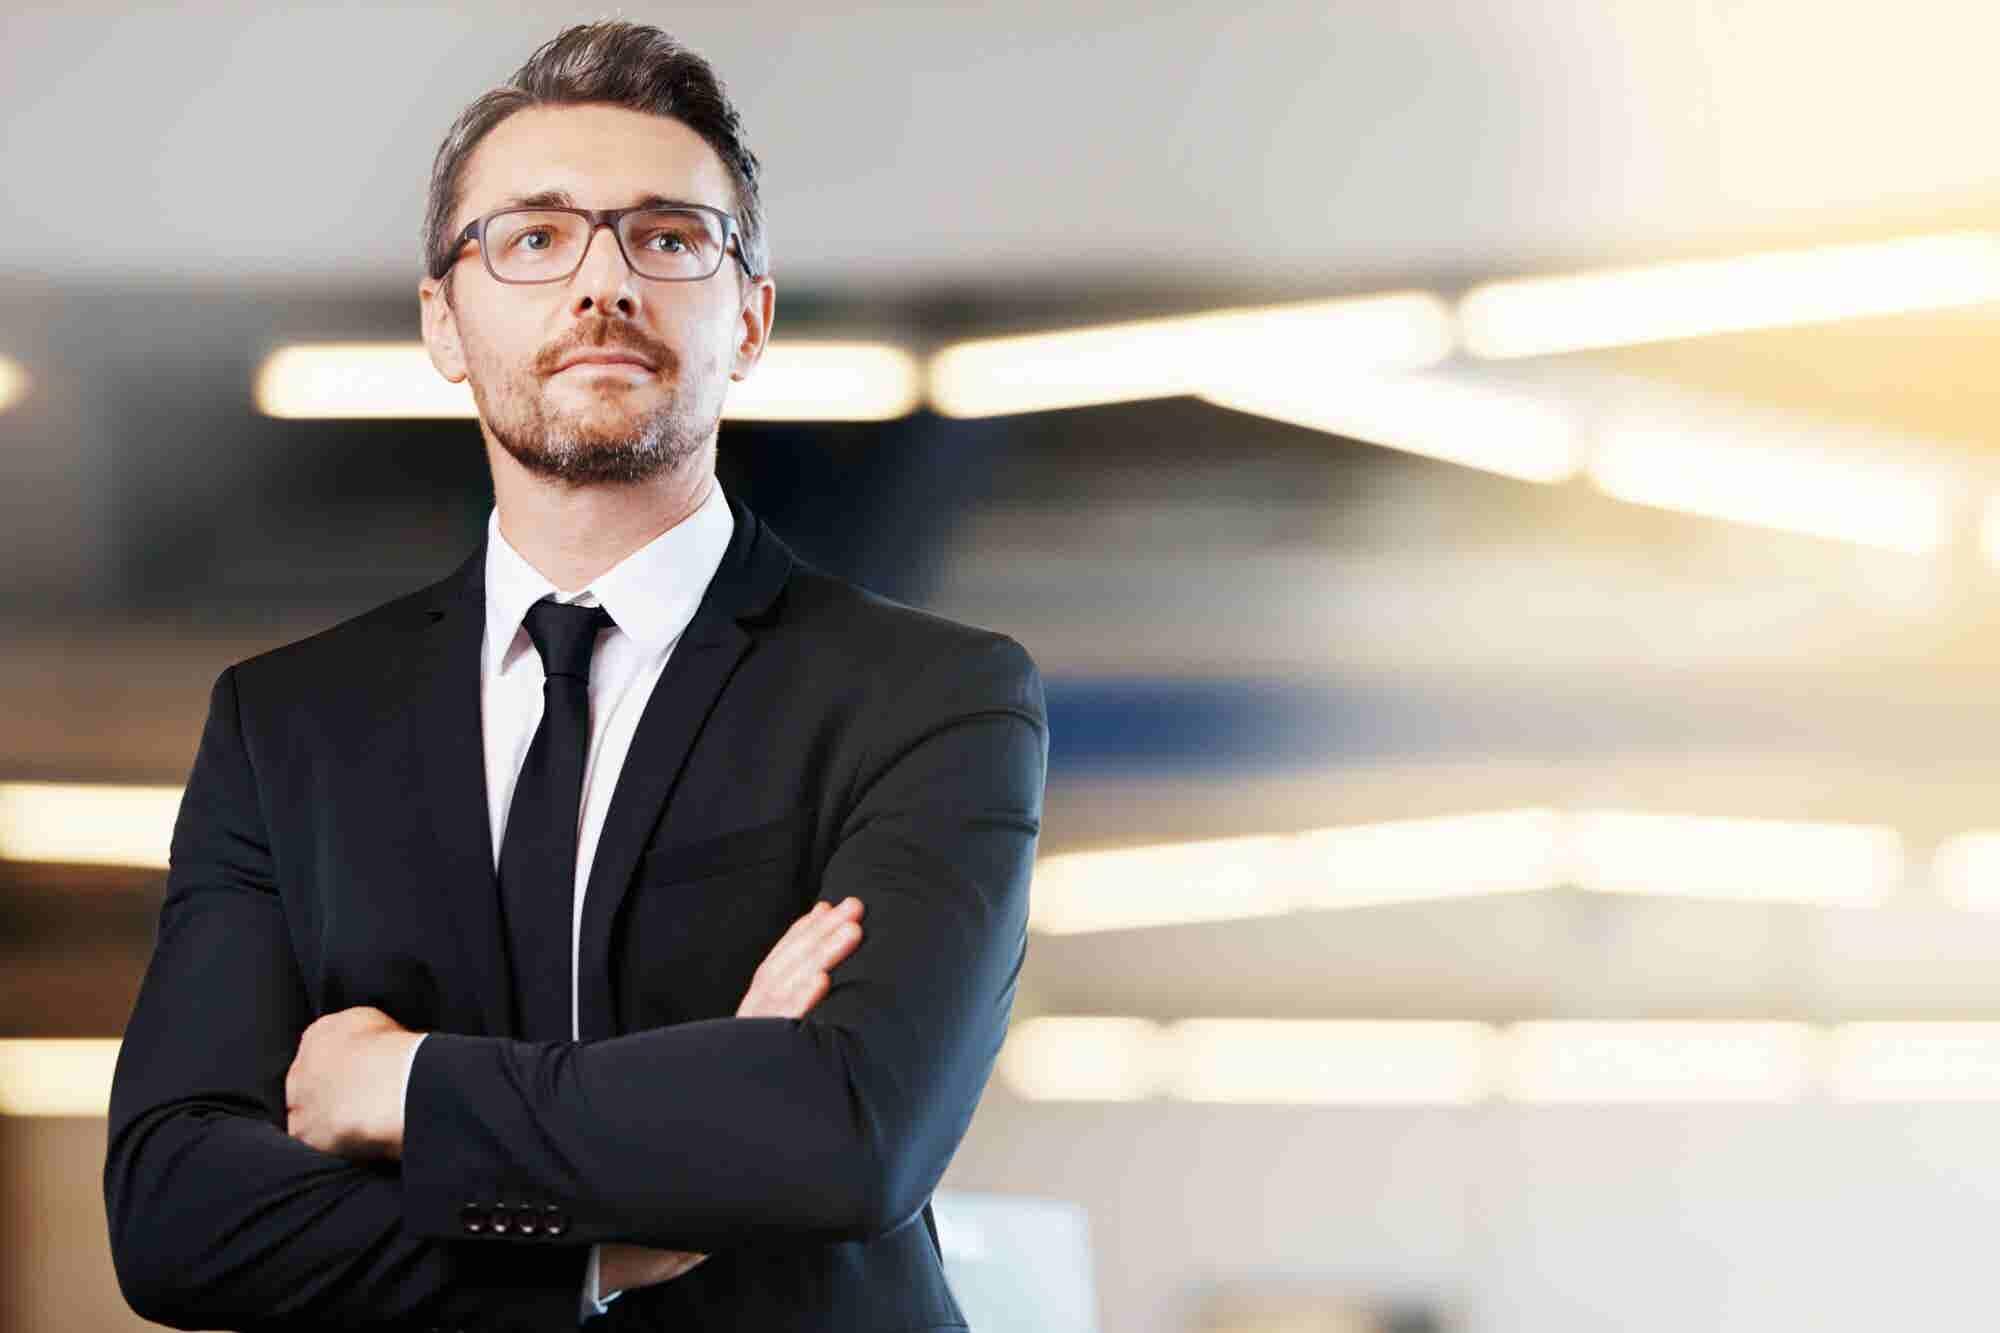 Don't Let Confirmation Bias Derail Your Startup Plans